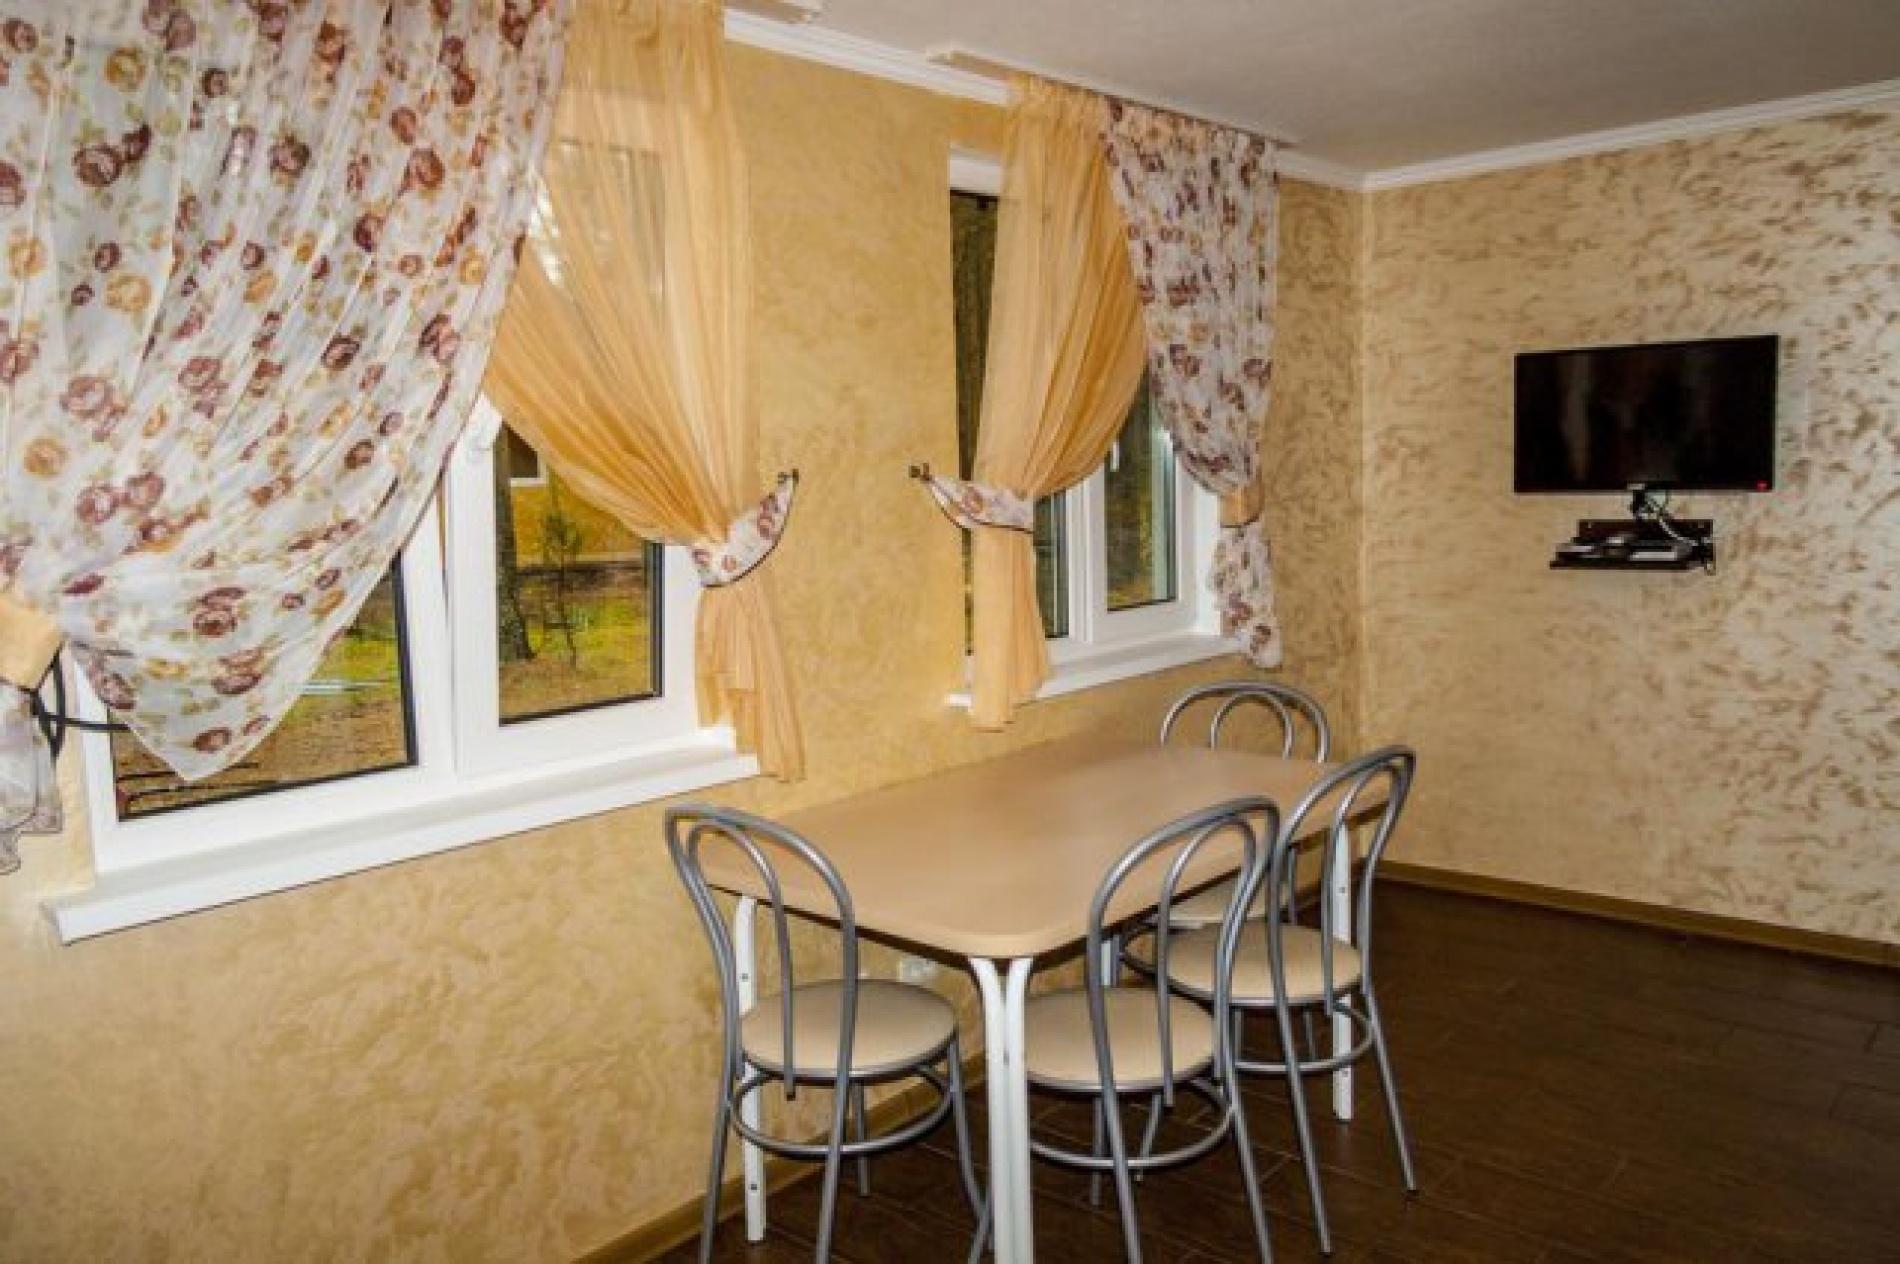 База отдыха «Стёпаново» Вологодская область 4-местный номер в Доме № 3, фото 9